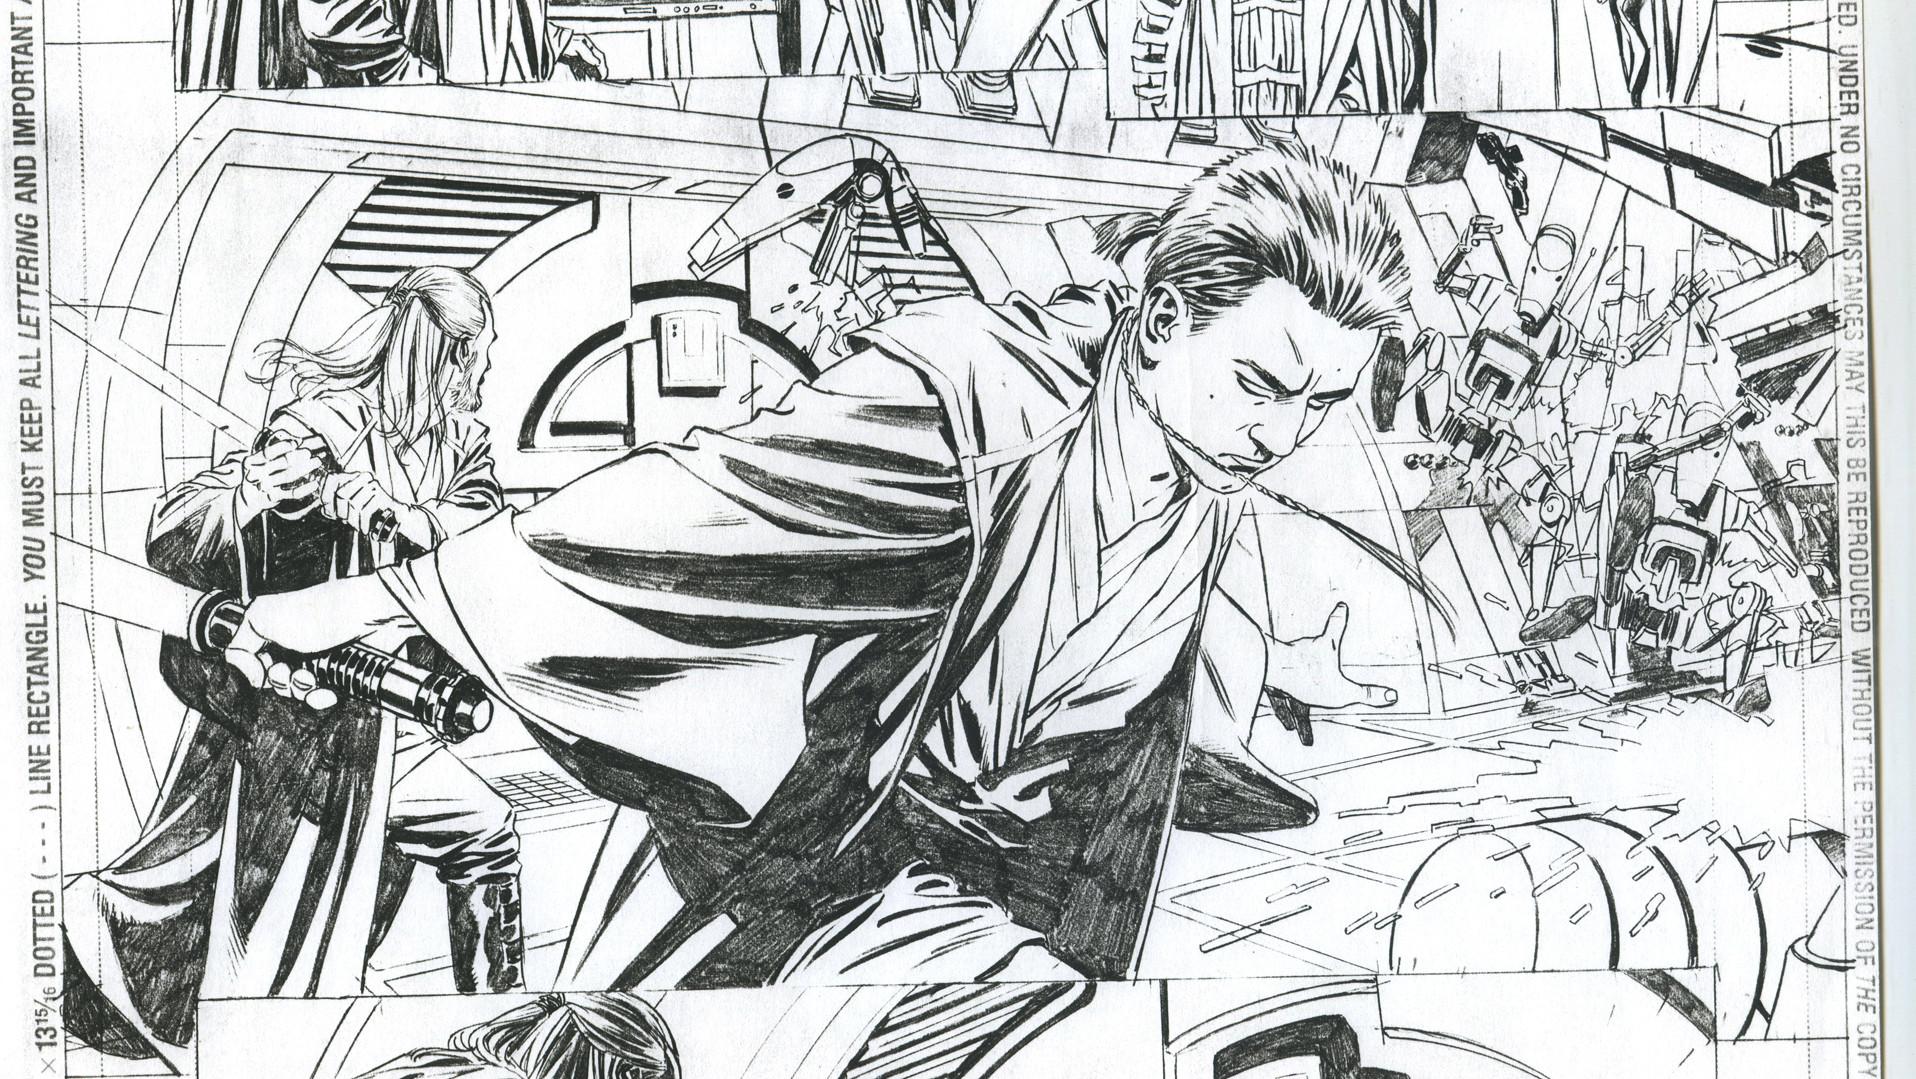 Rodolfo damaggio starwars comic2 100